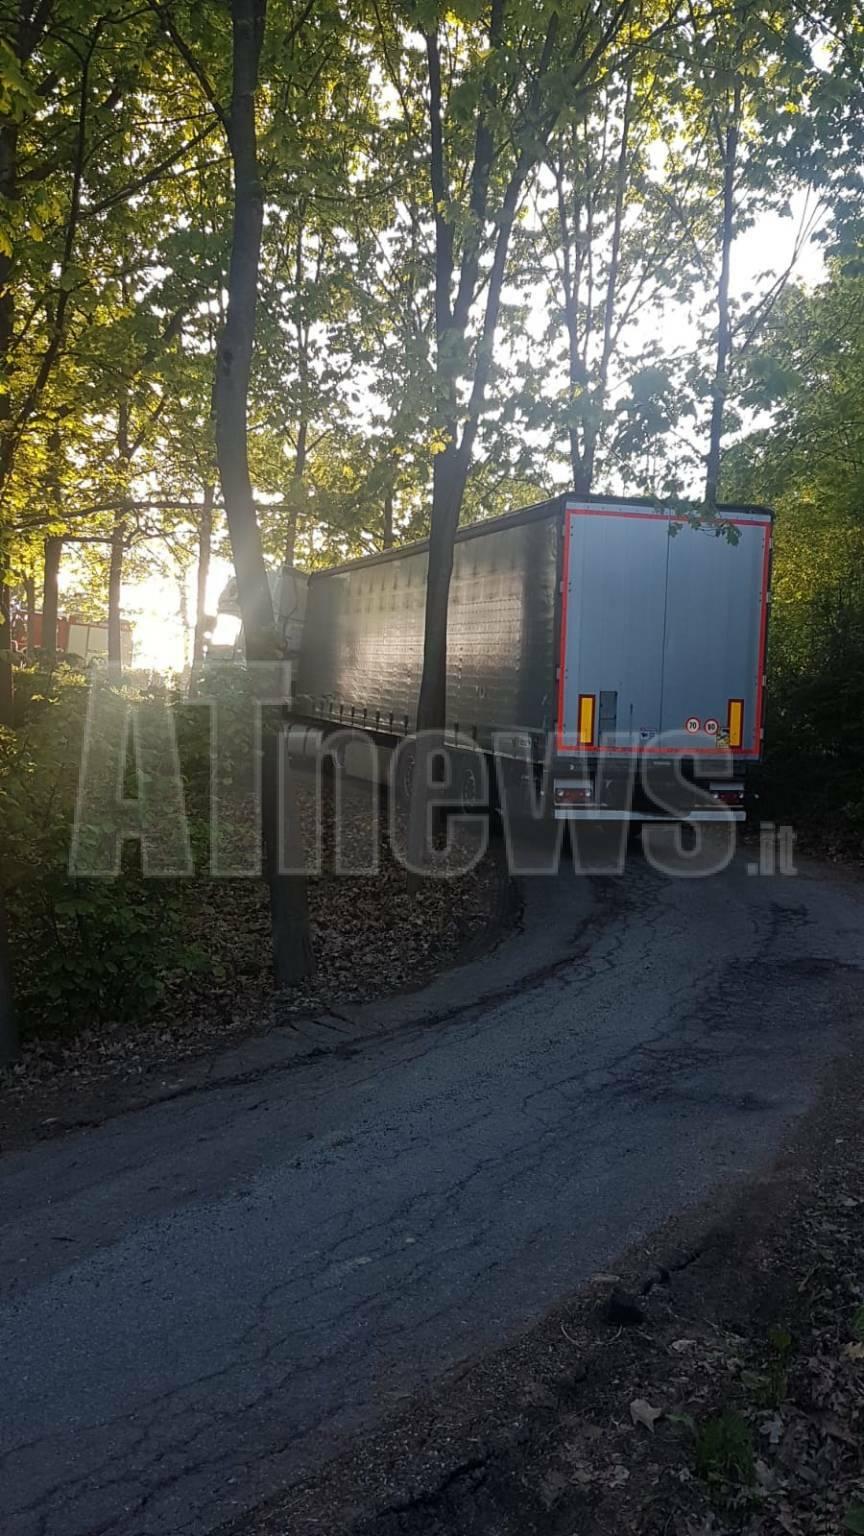 camion bloccato in strada formaggera